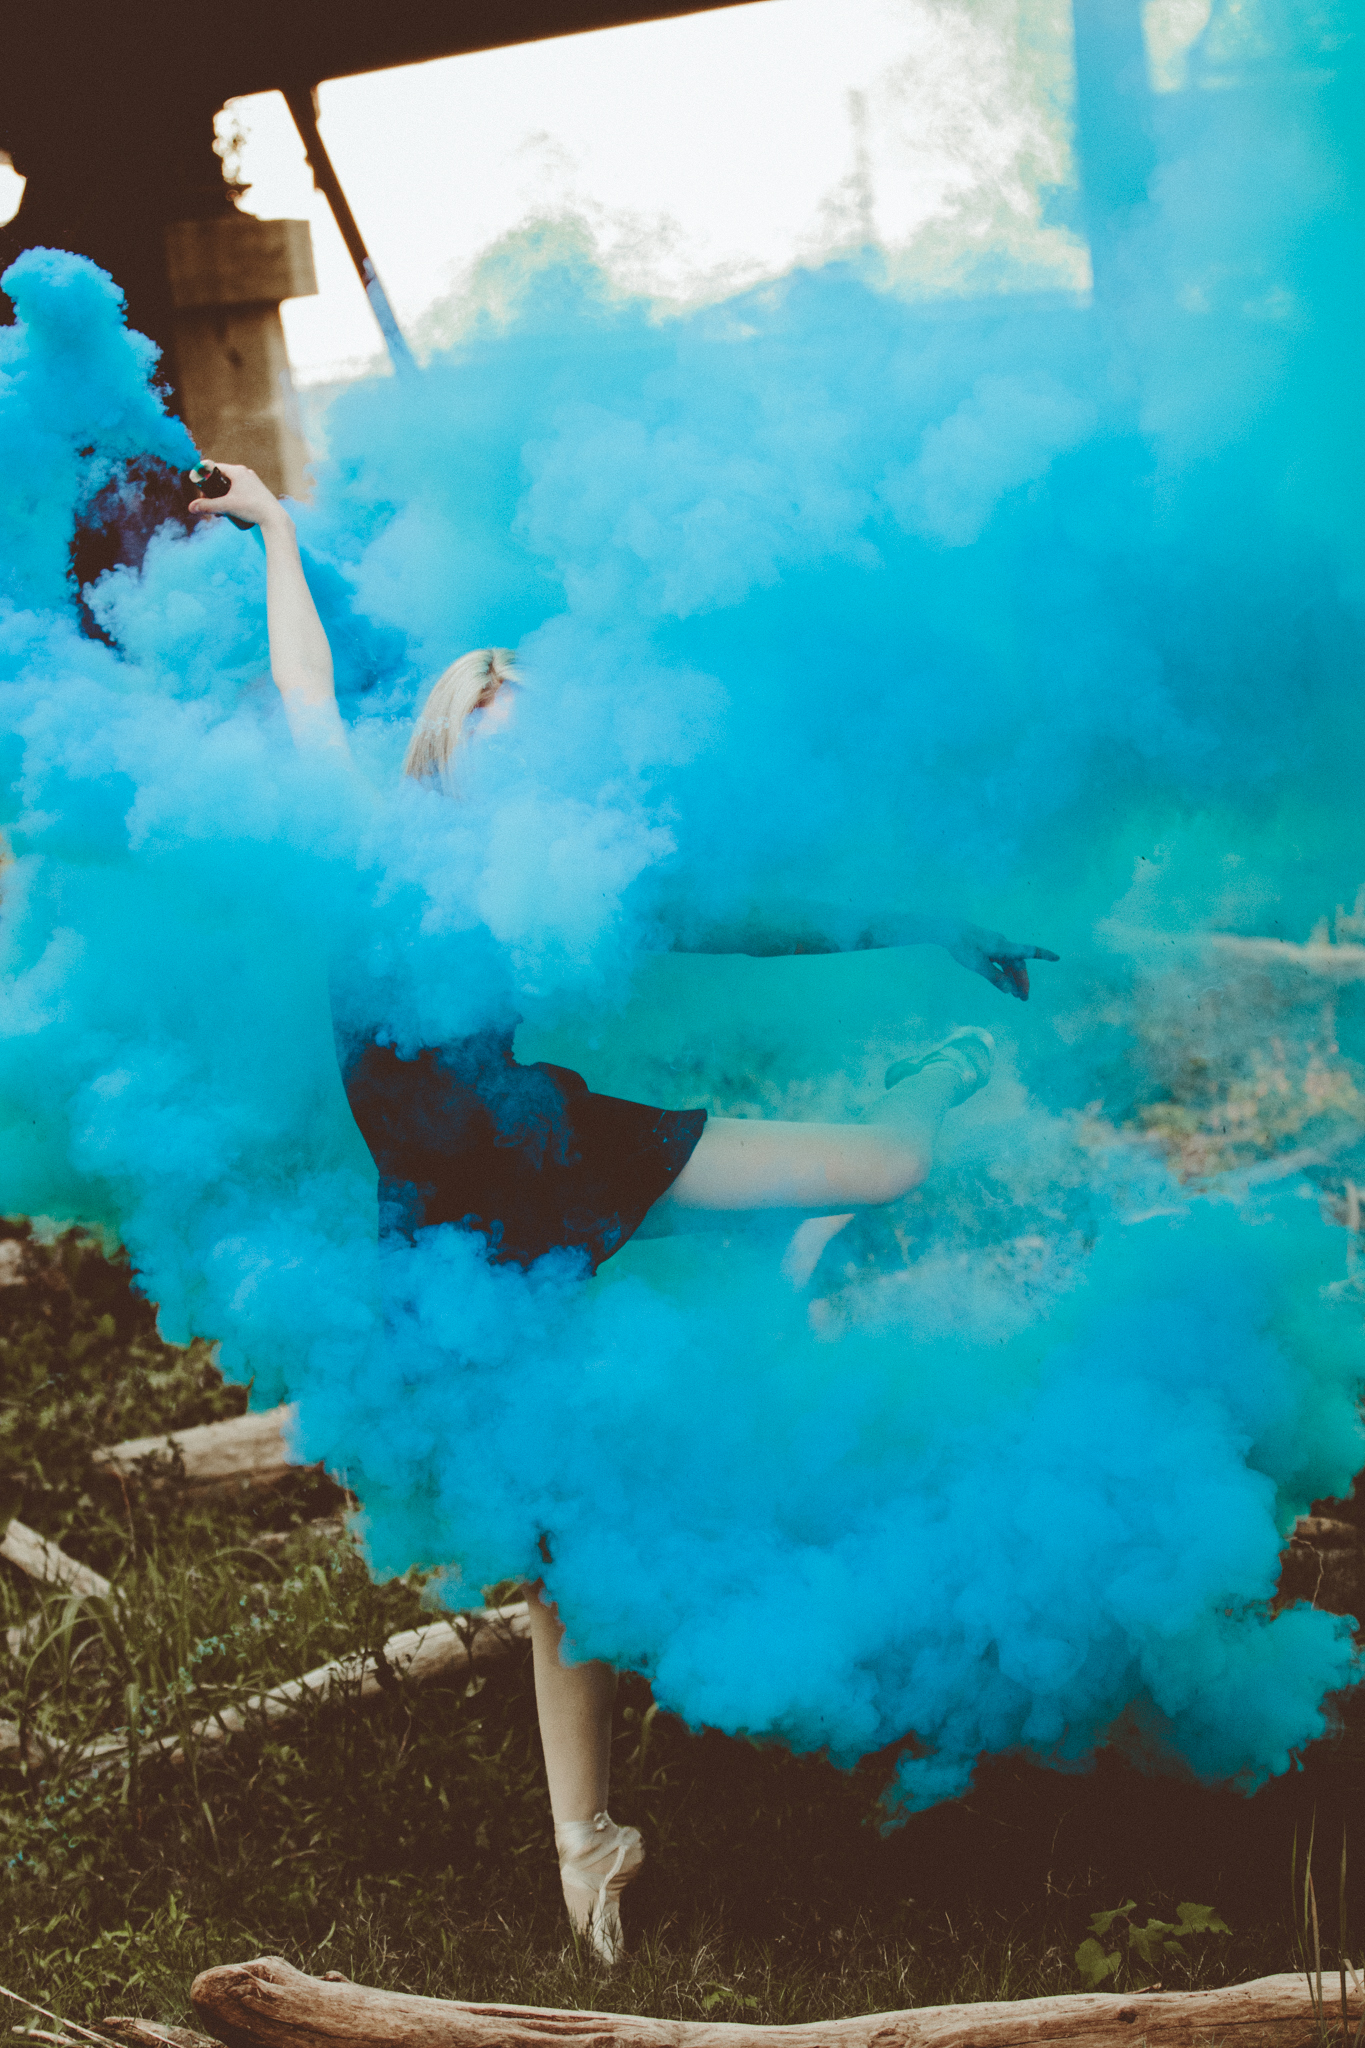 Smoke + Ballet